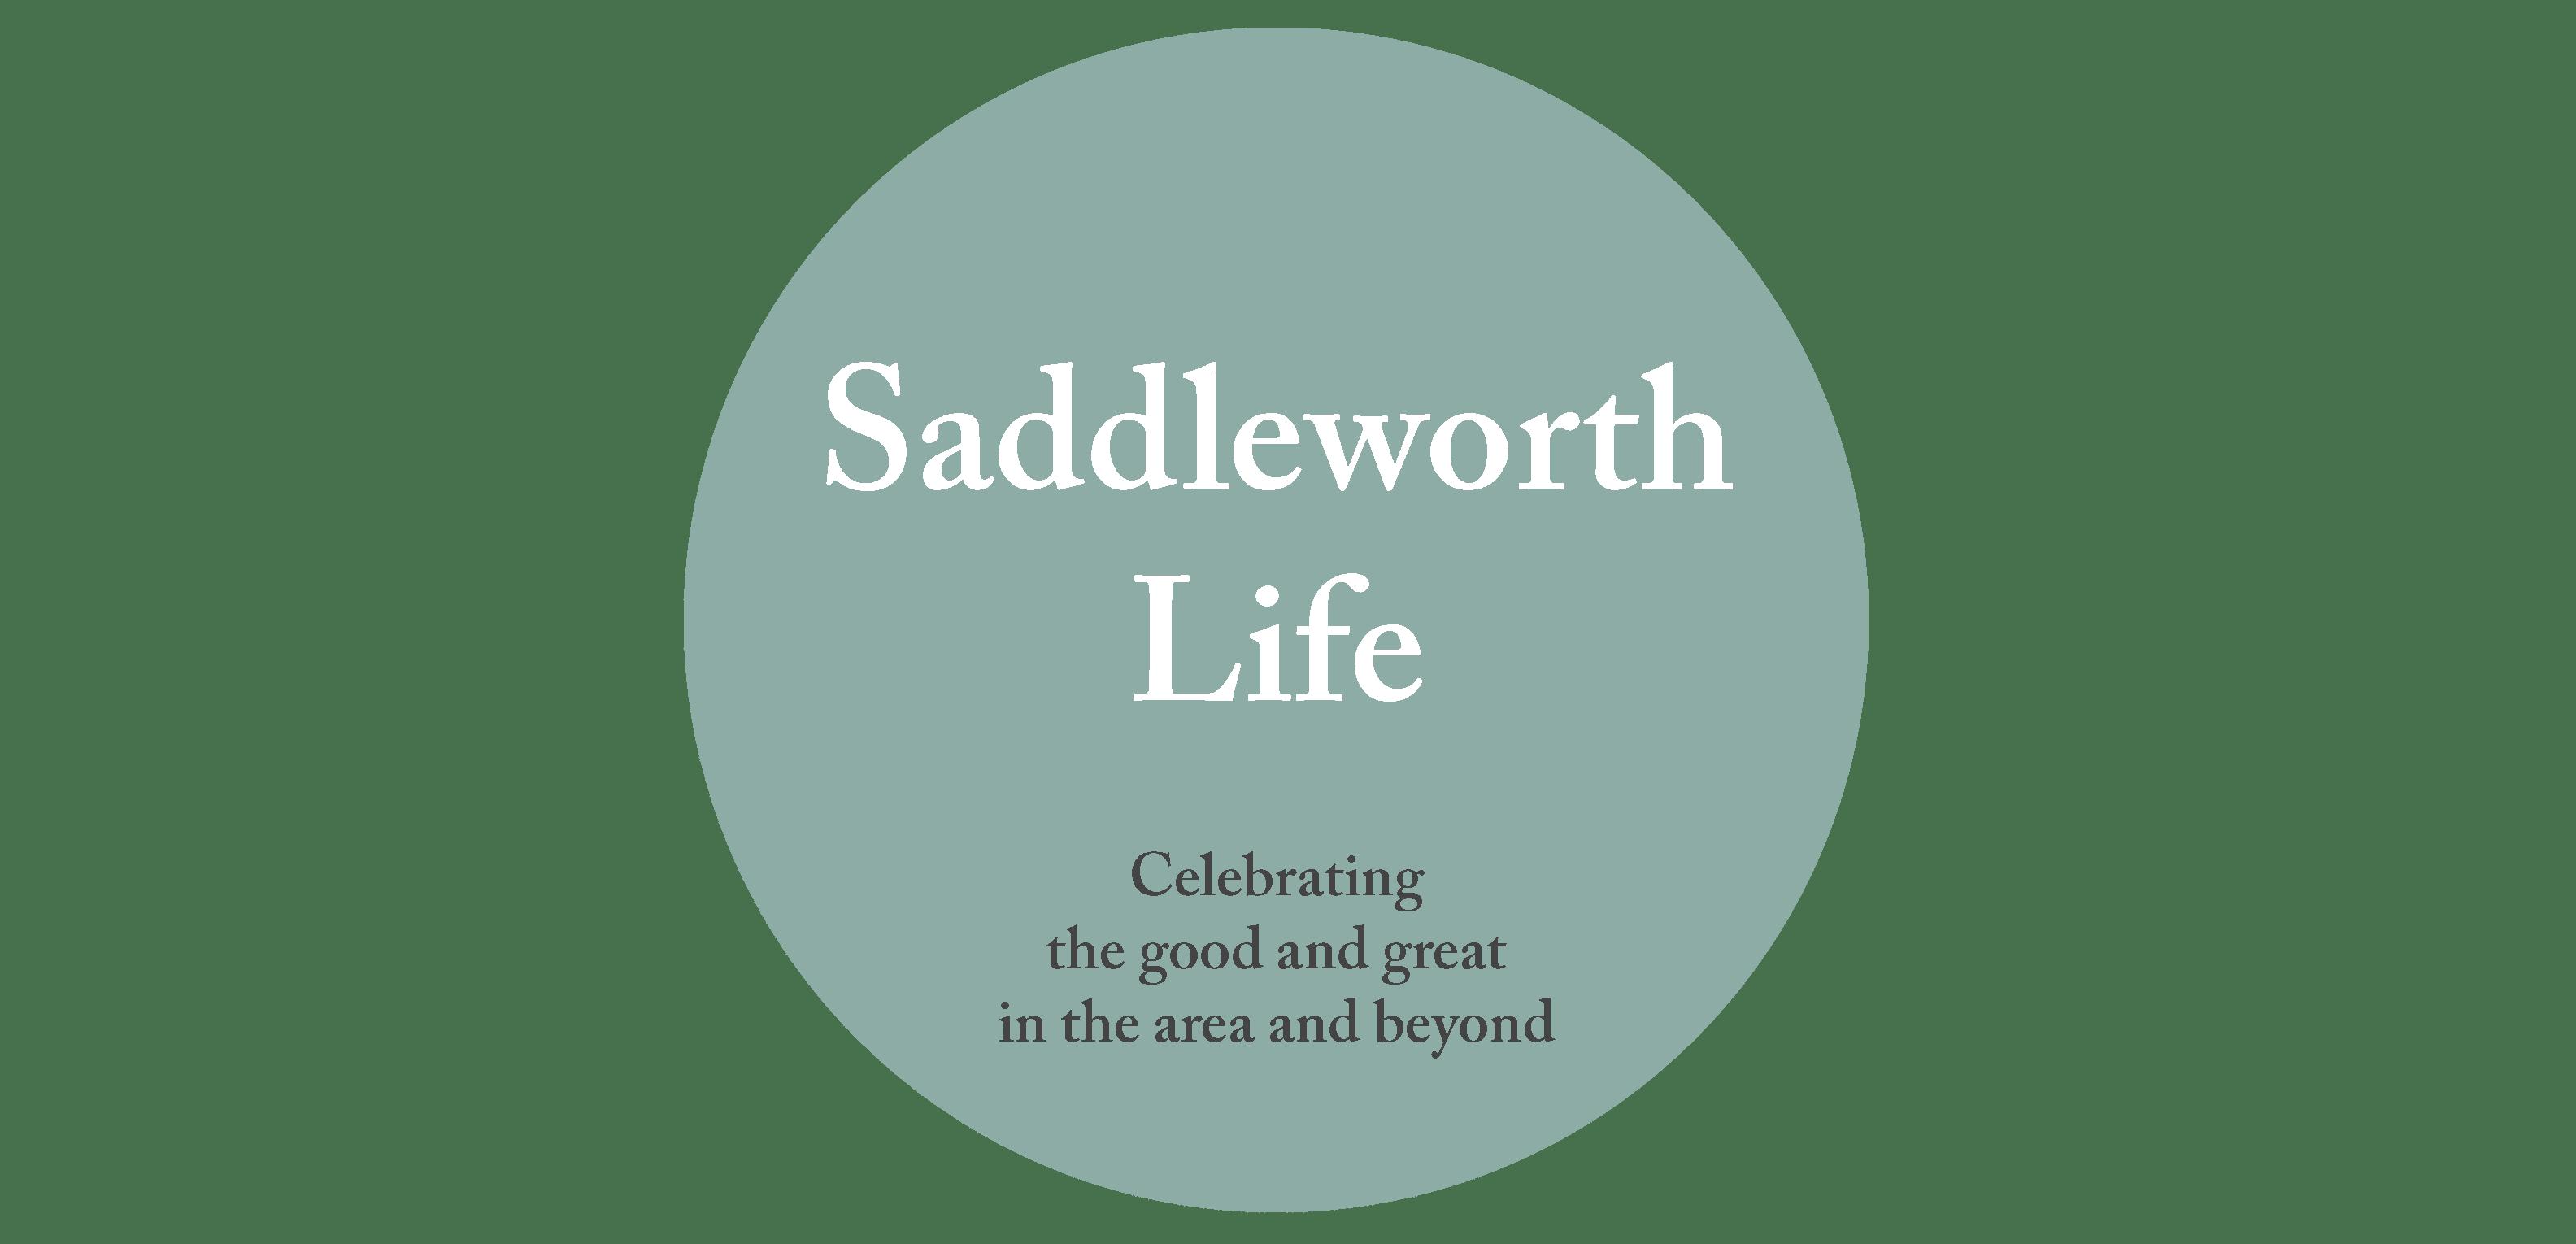 Saddleworth Life